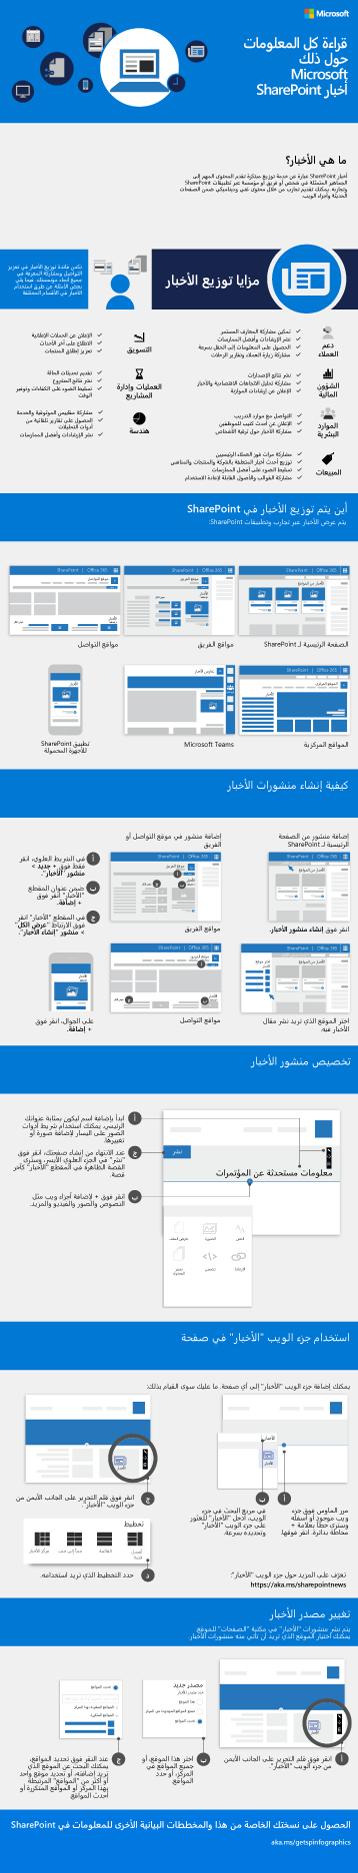 مخطط بياني للمعلومات حول أخبار SharePoint